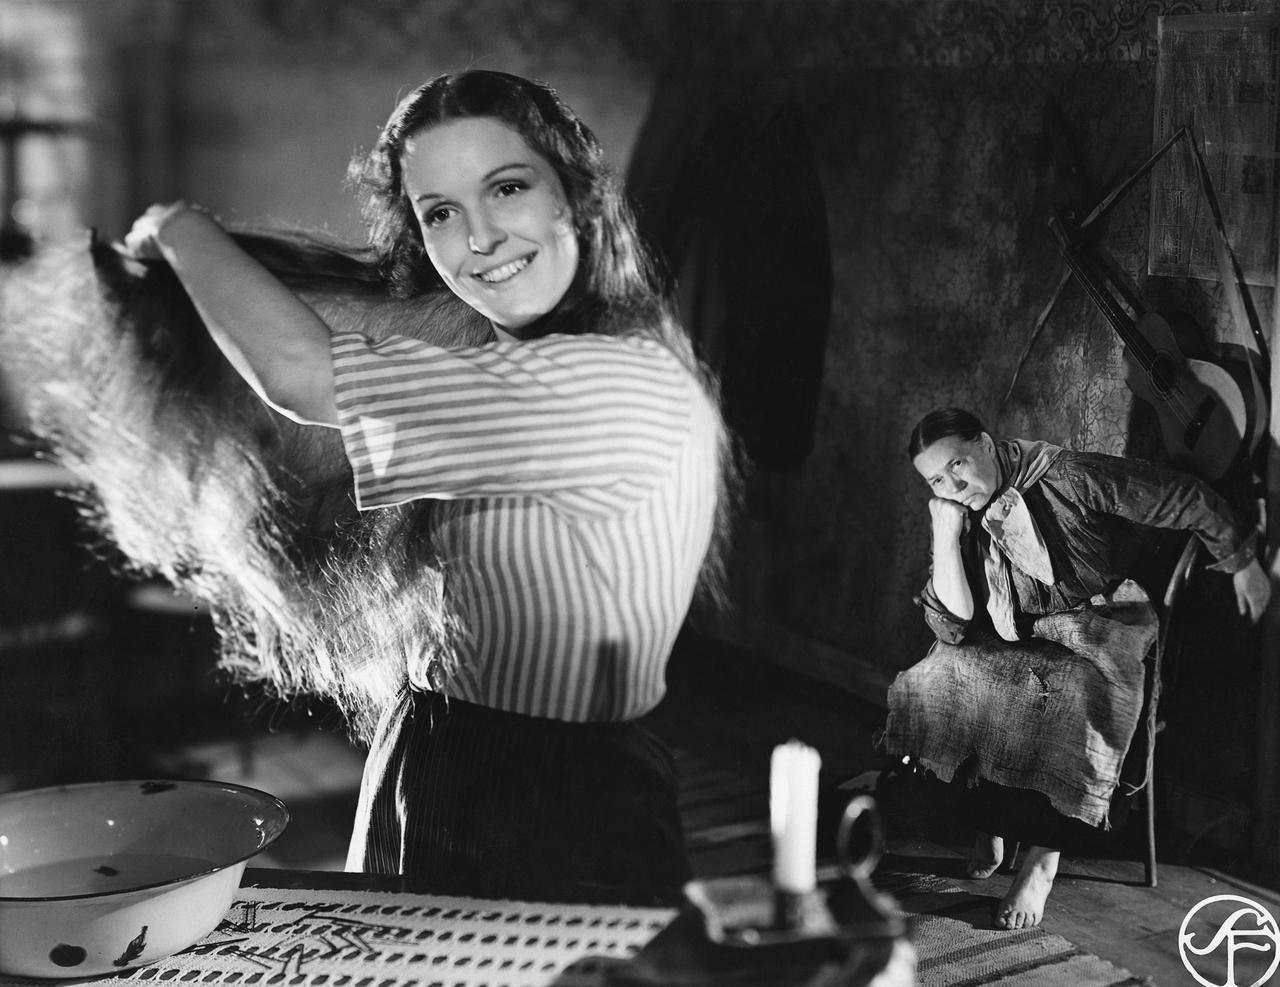 画像: 『母というだけ』場面写真(1949) 監・脚:アルフ・シューベリ 20 世紀初めのスウェーデンの農村地帯で、苦しい生活に負けずに子供を育て上げる母の一代記